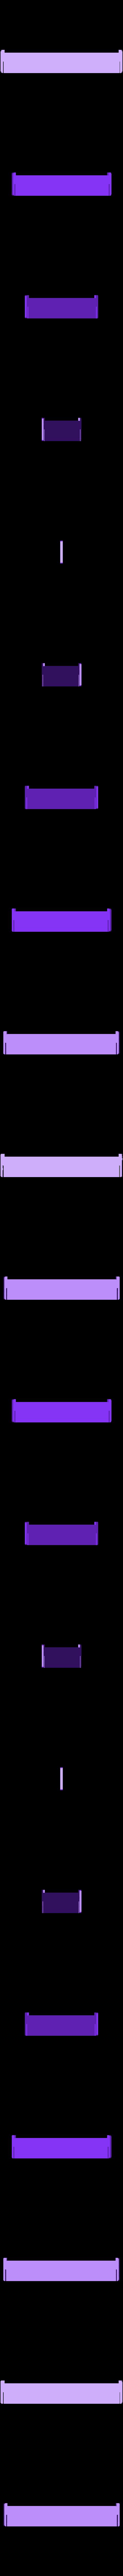 bureau3.STL Télécharger fichier STL gratuit Bureau  • Design pour impression 3D, maxgg